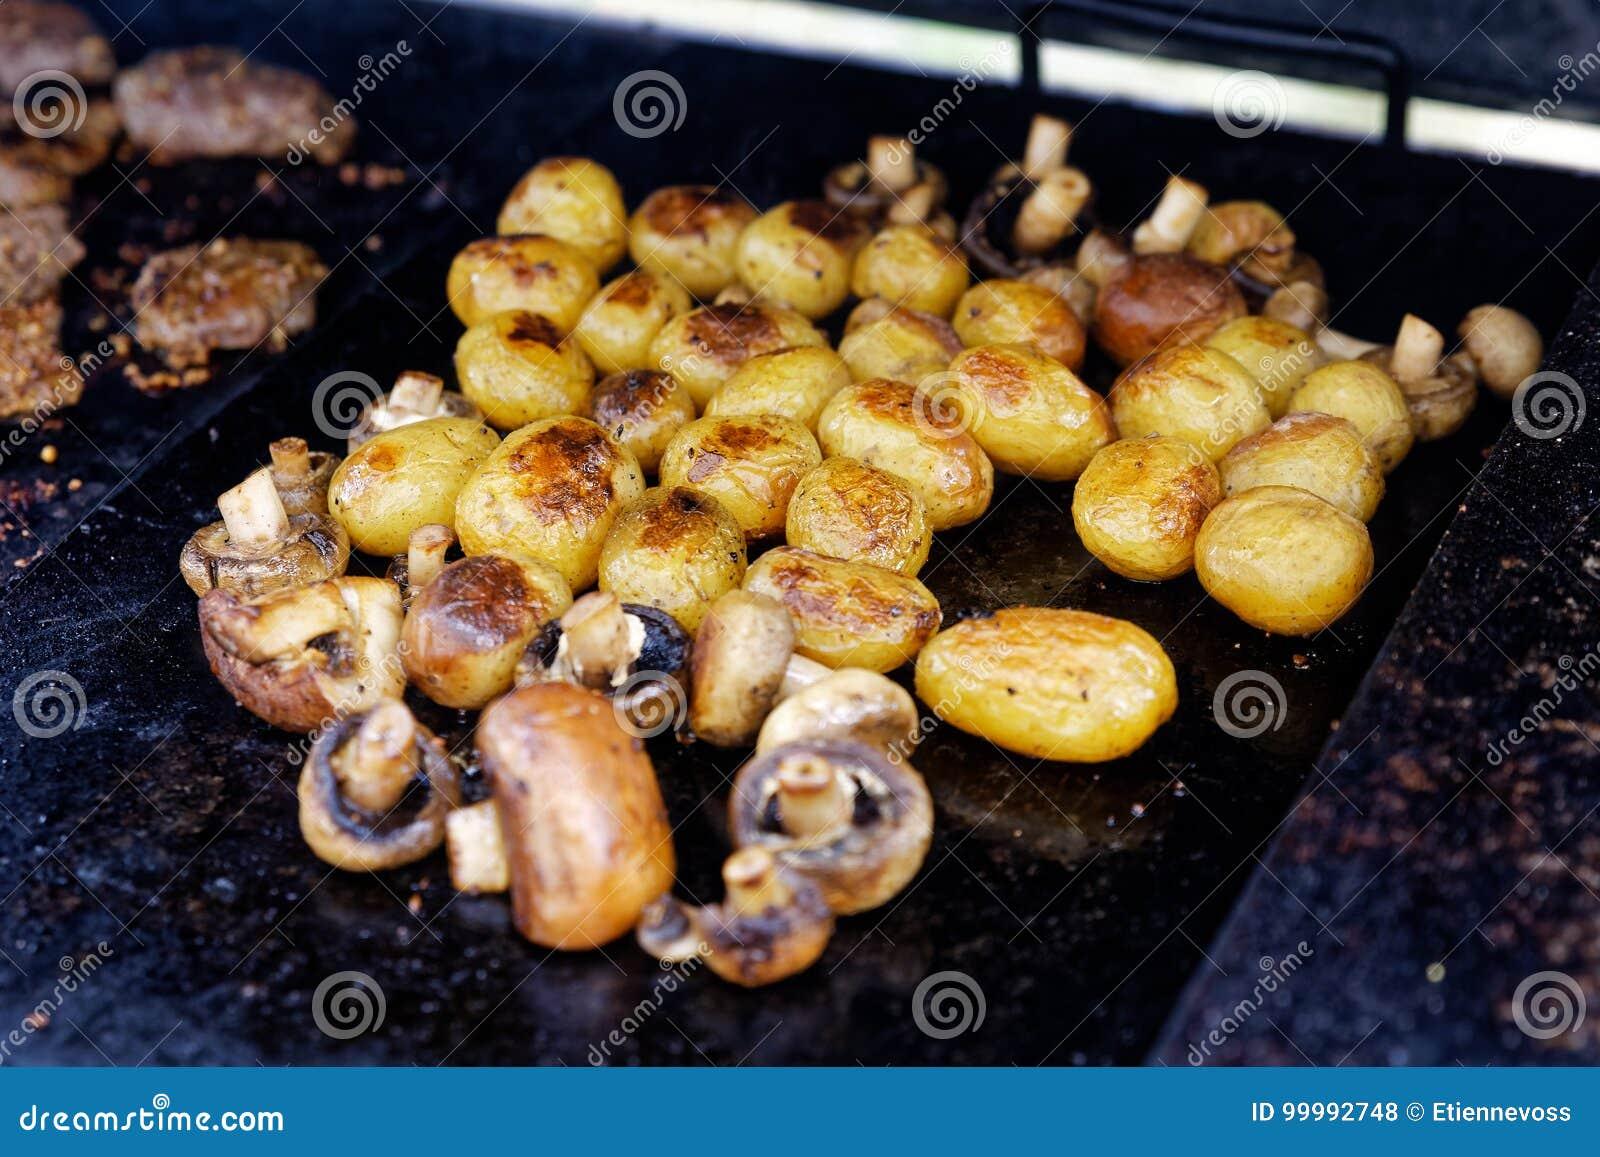 Champignons grillés et pommes de terre entières sur le gril extérieur